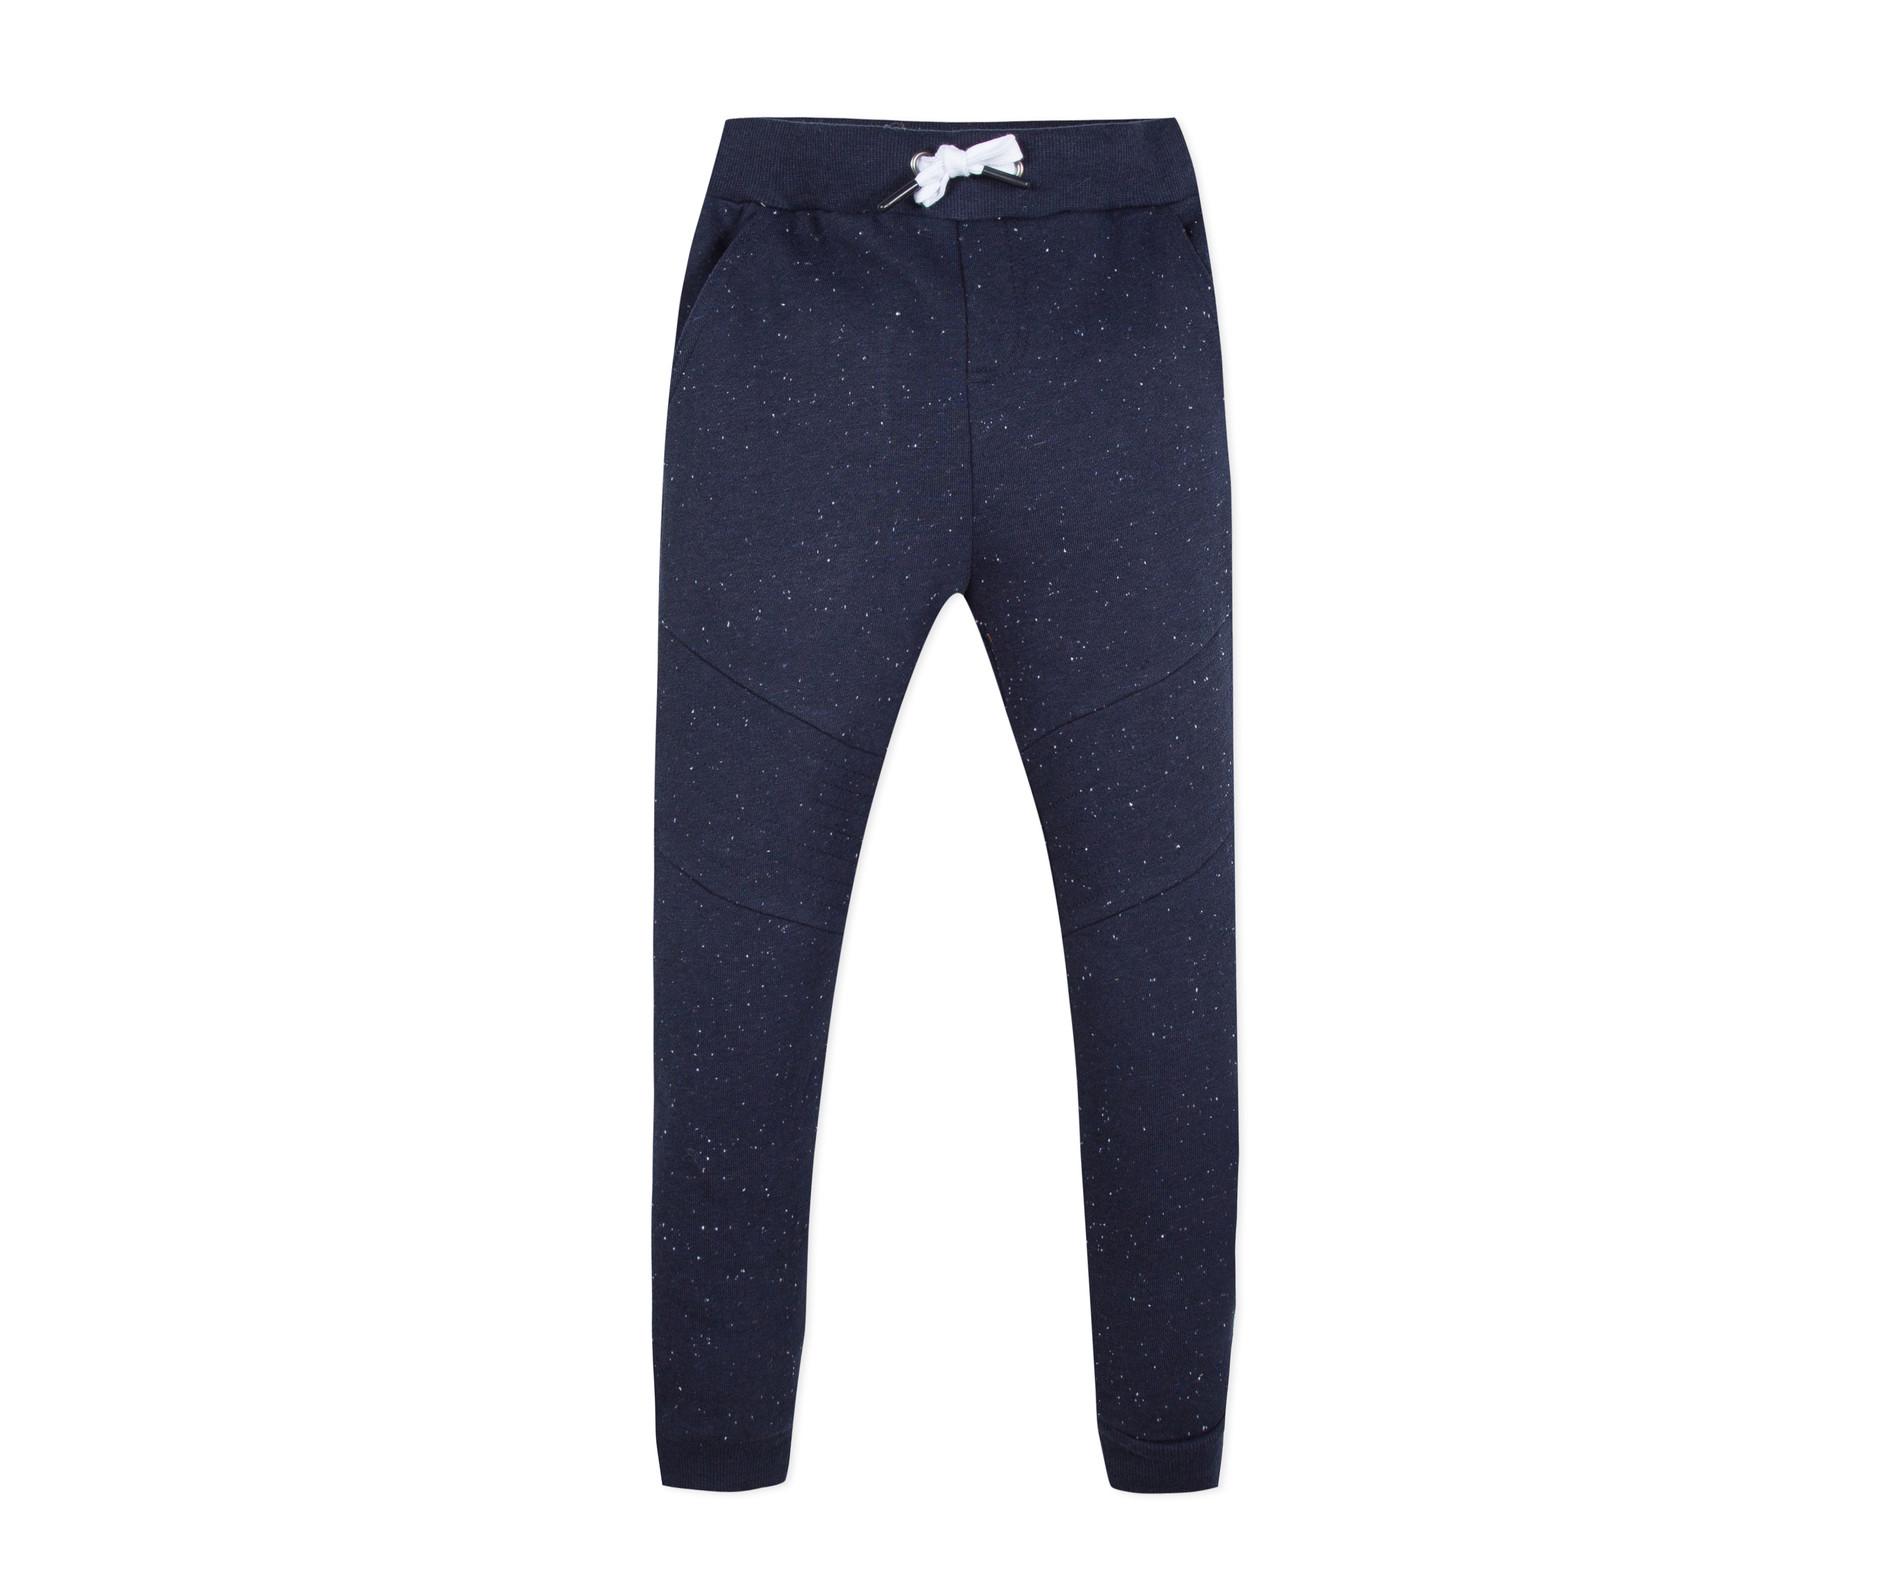 Детски спортен панталон 3Pommes 3P23015-449, за момче на възраст 4-12 г.